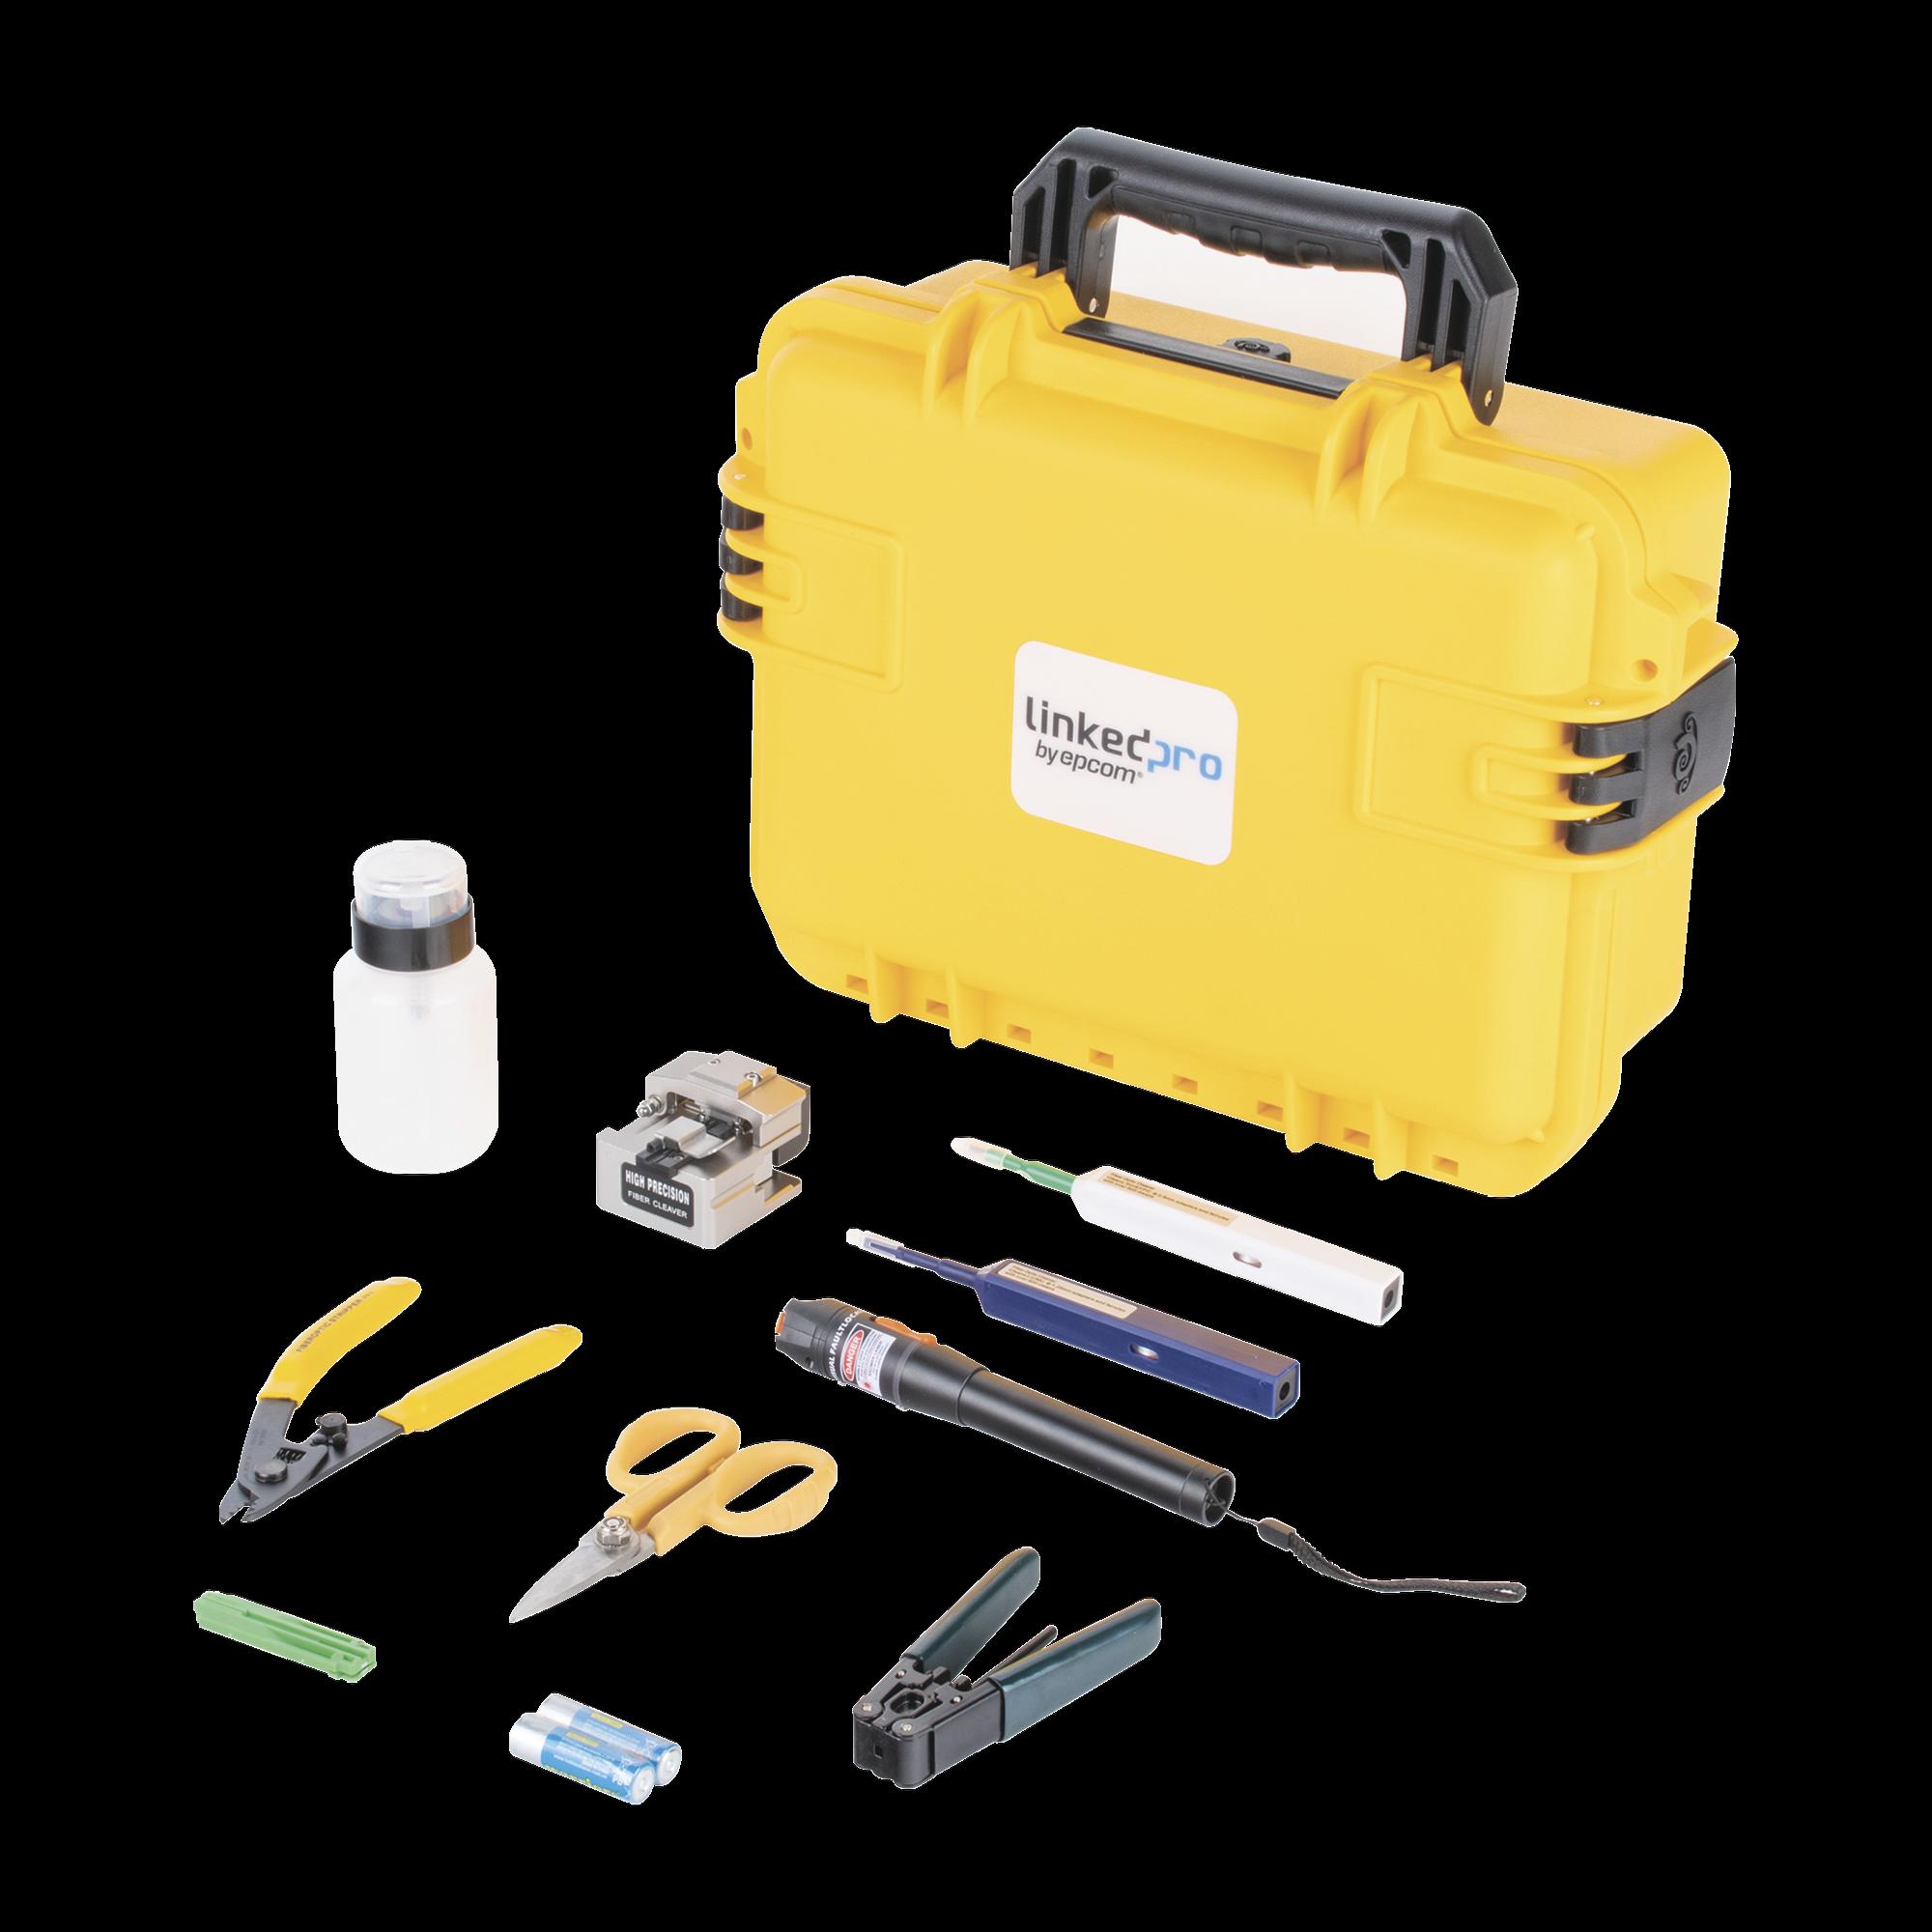 Kit de herramientas para terminación de conectores mecánicos de fibra óptica, incluye maletín ideal para transportar con especificación militar (uso rudo)